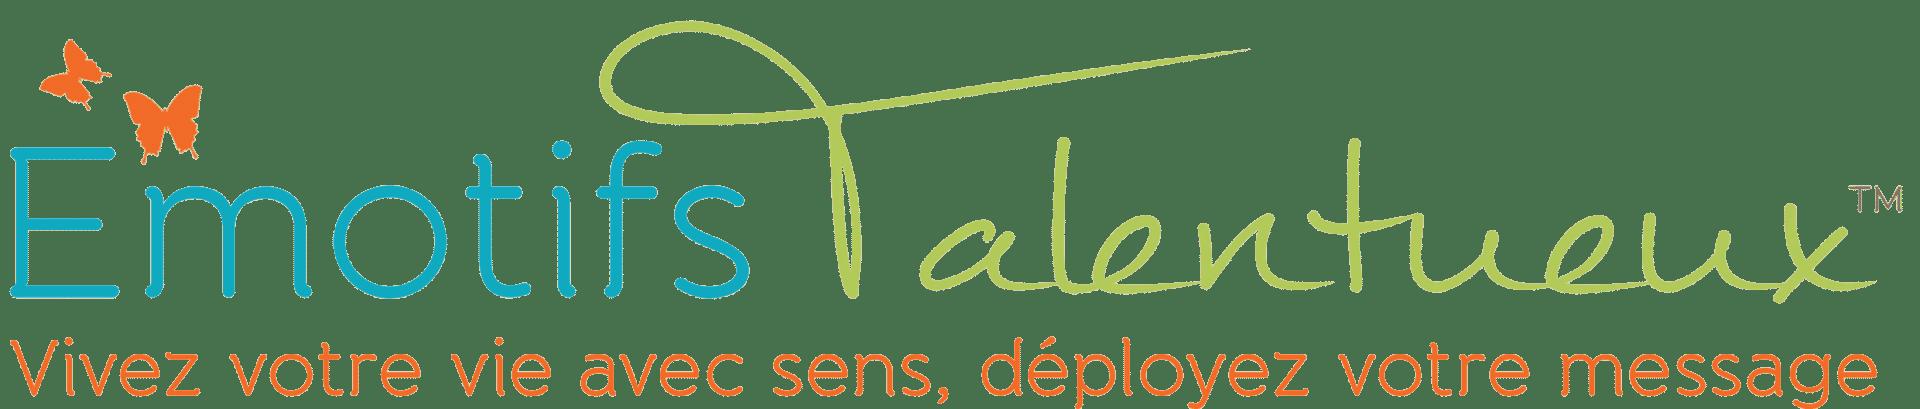 logo_texte-et-baseline-couleur